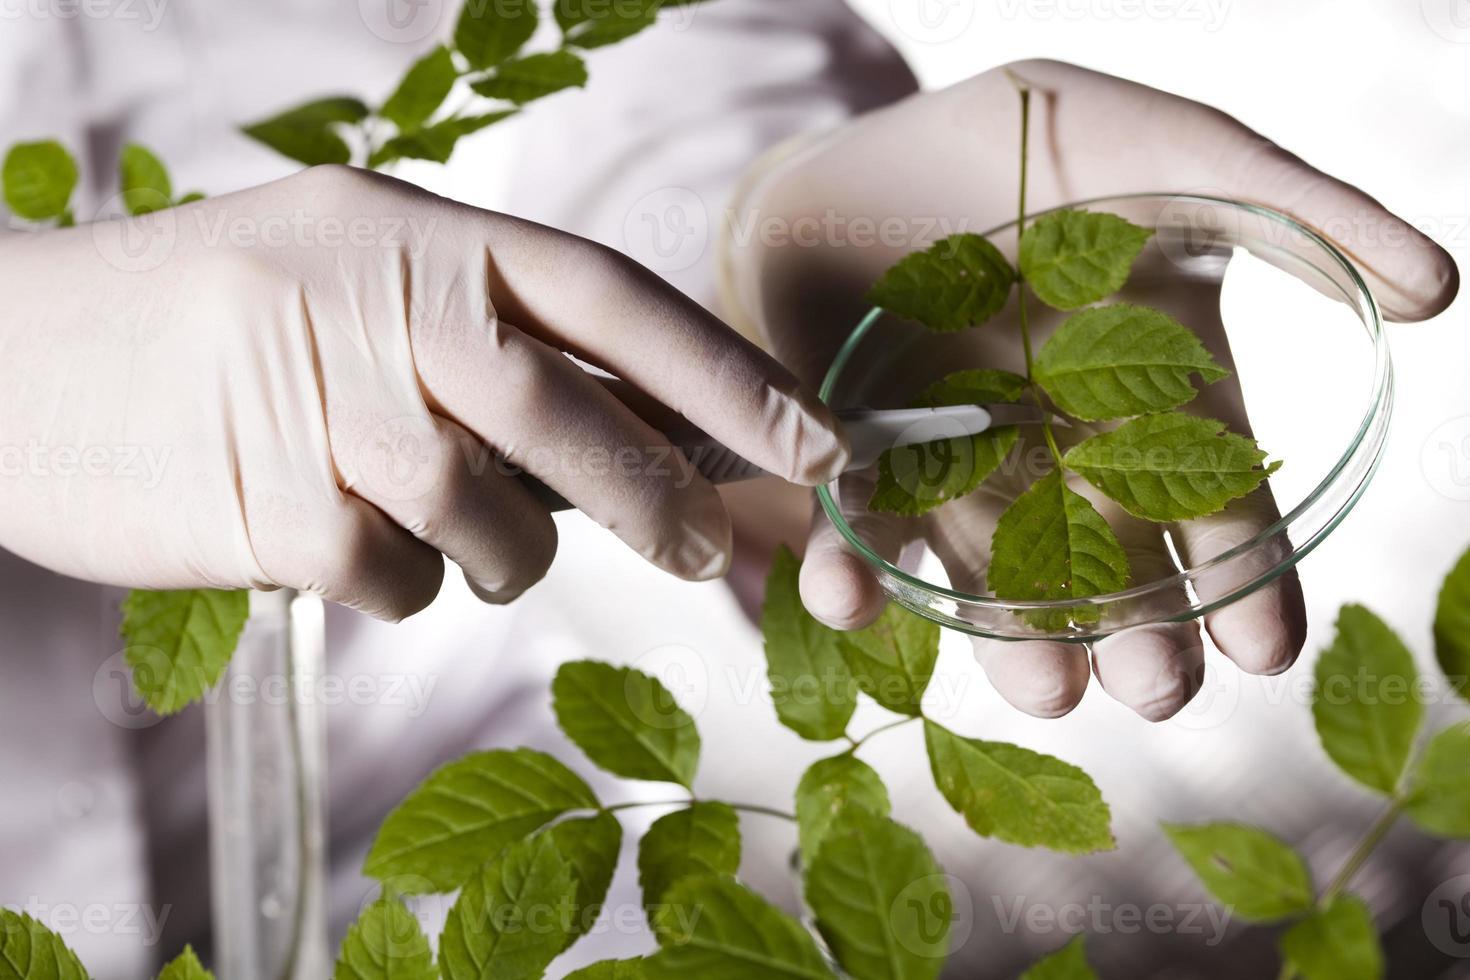 plante, tube à essai dans les mains du scientifique photo